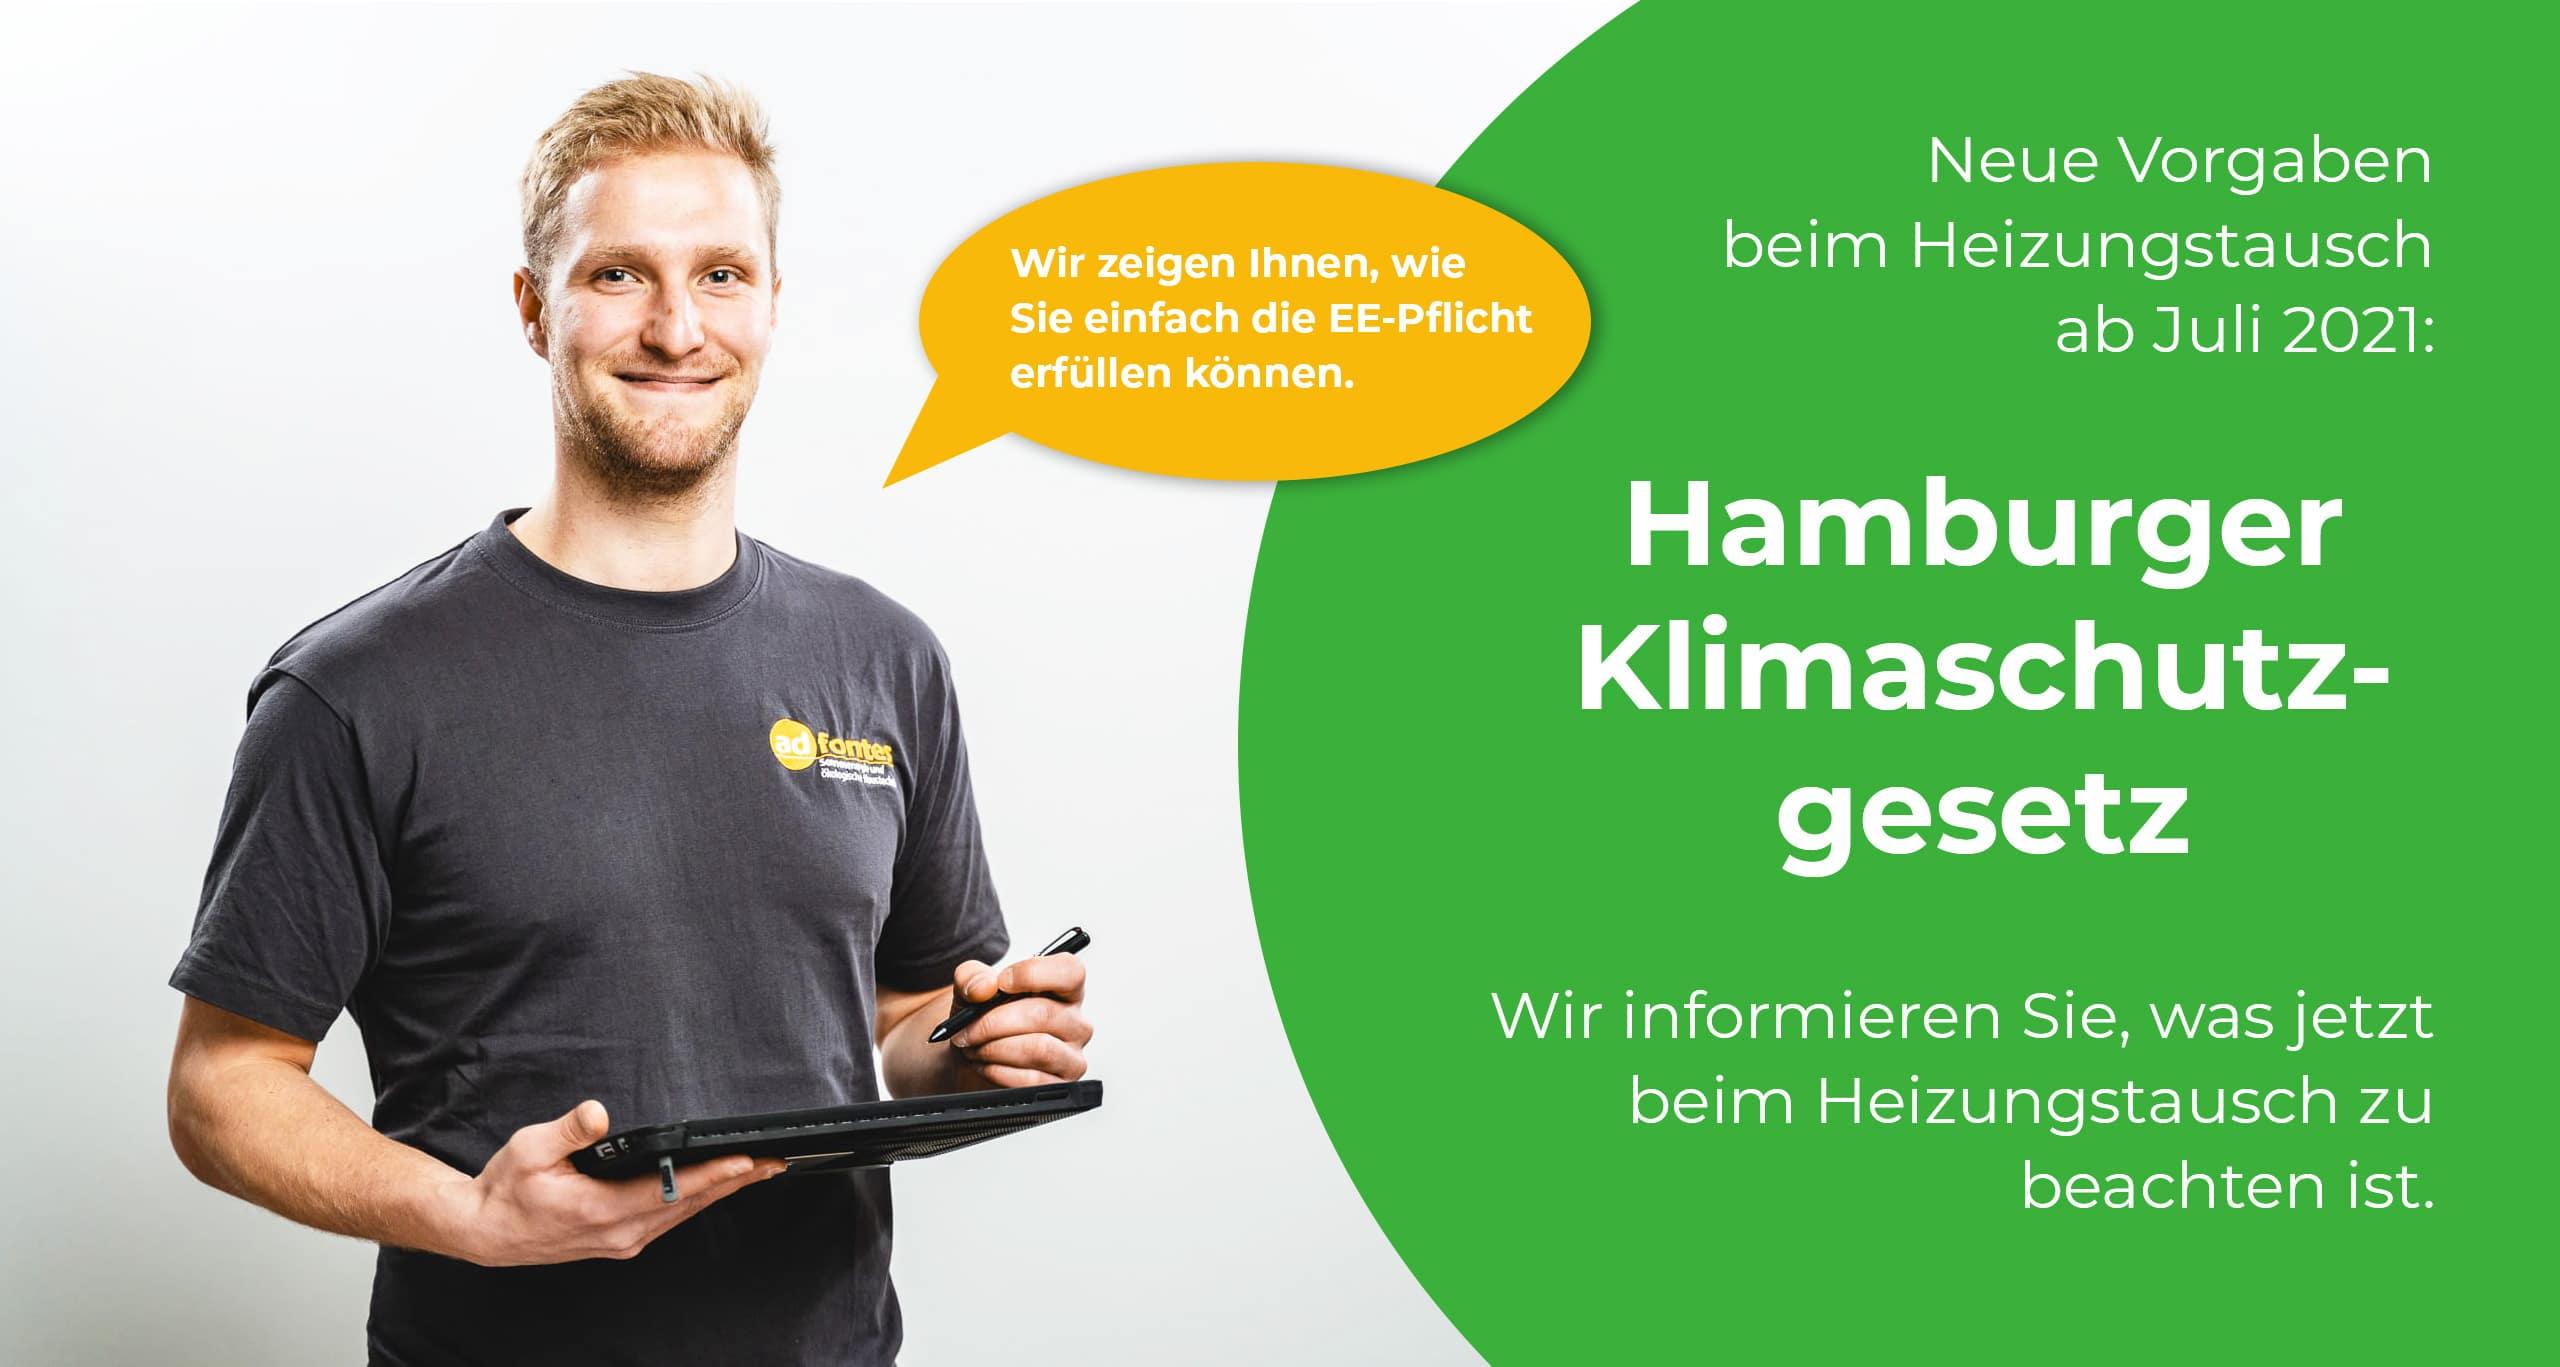 Hamburger Klimaschutzgesetz & Heizungstausch: Ab Juli 2021 gelten neue Vorgaben.